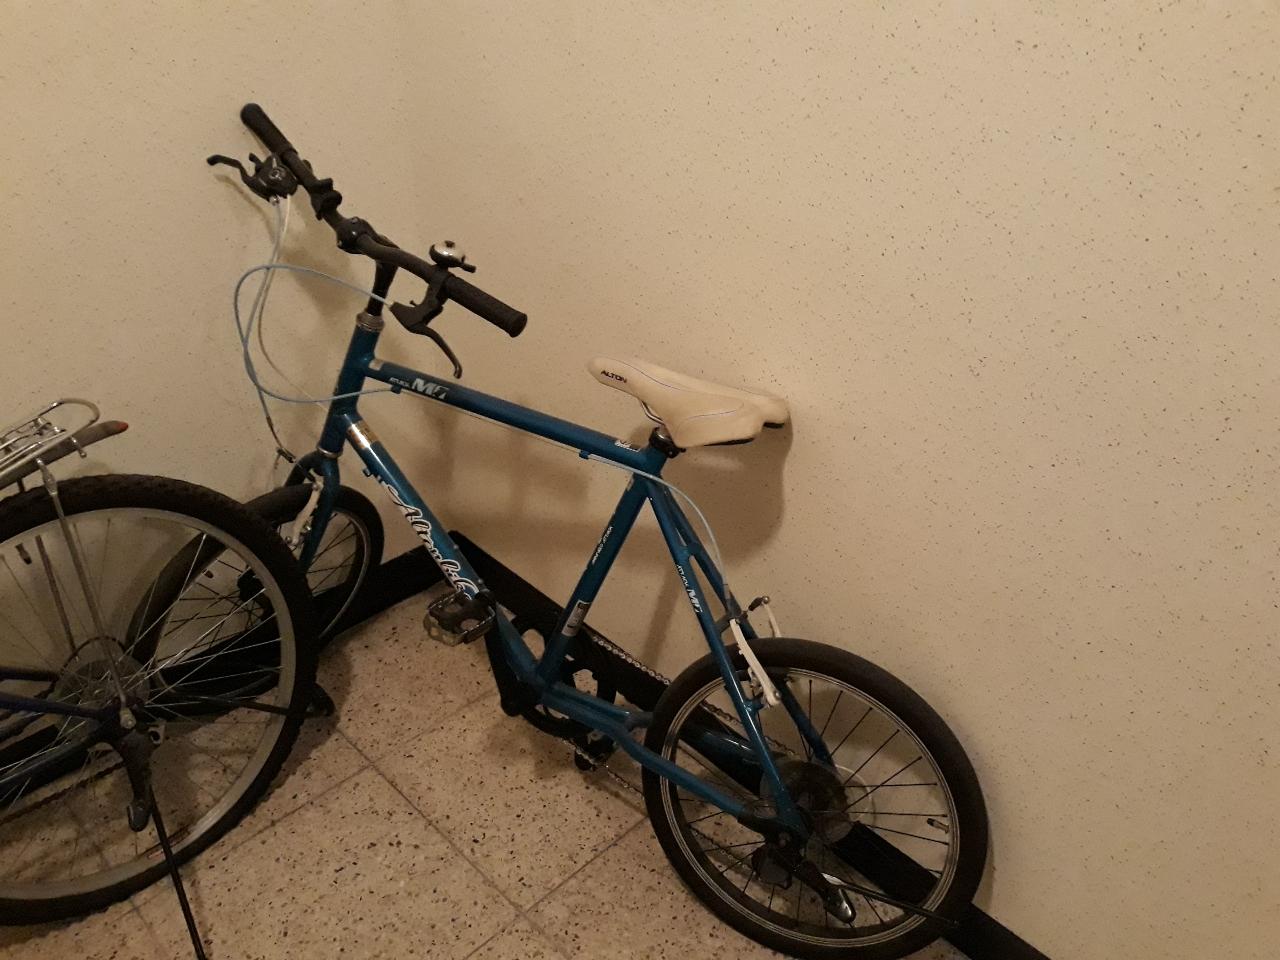 미니벨로 자전거, 그냥 자전거